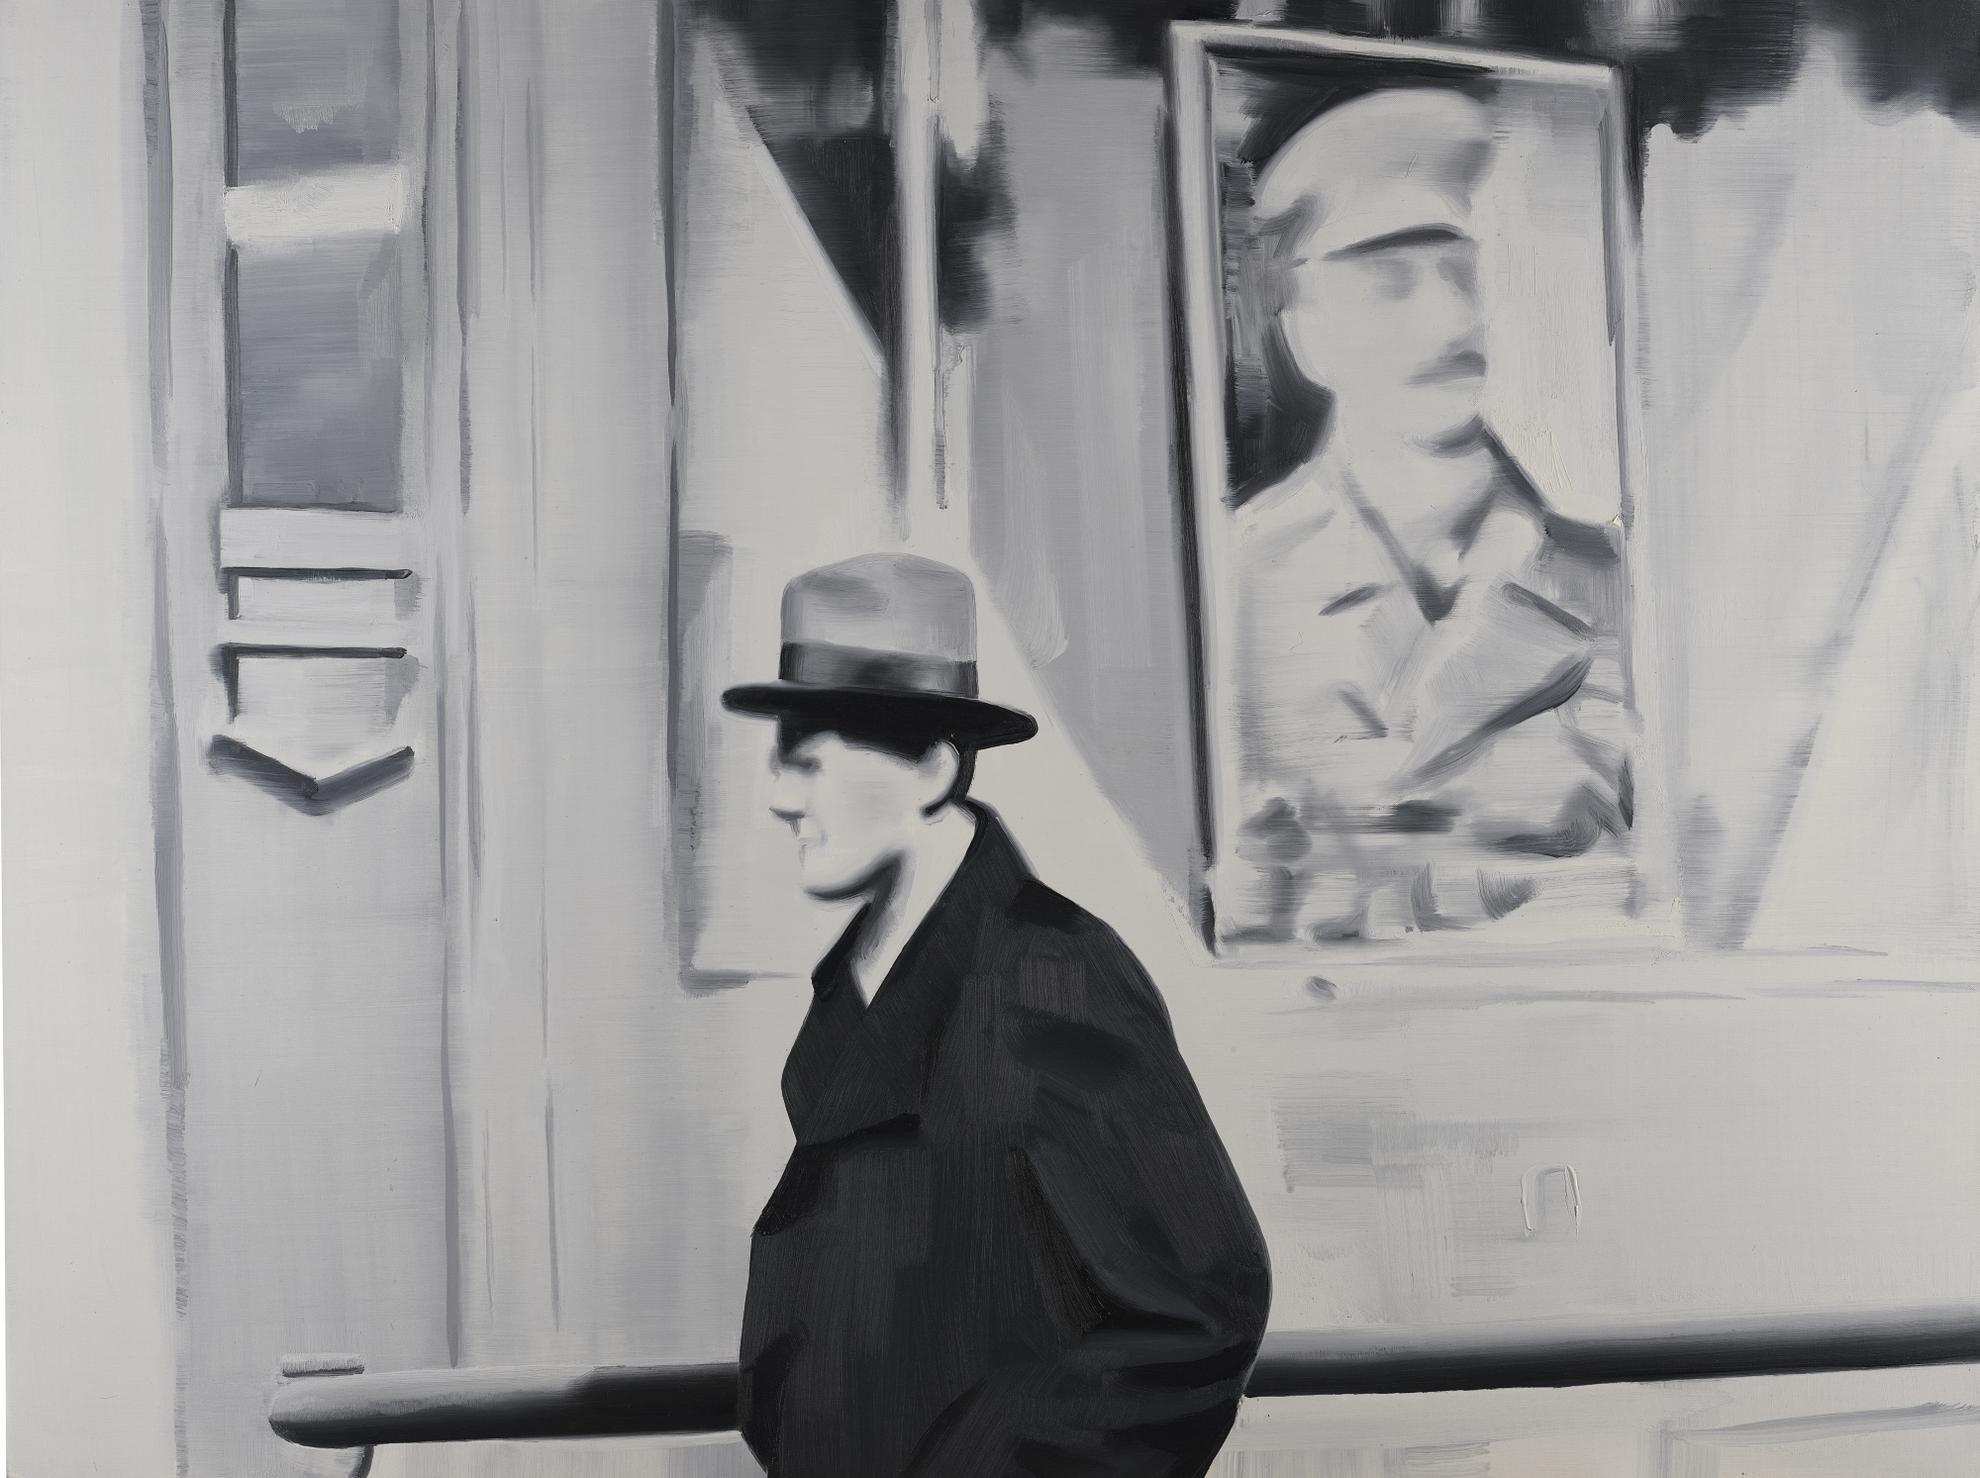 Marcin Maciejowski-1936 (D. Shostakovich)-2008